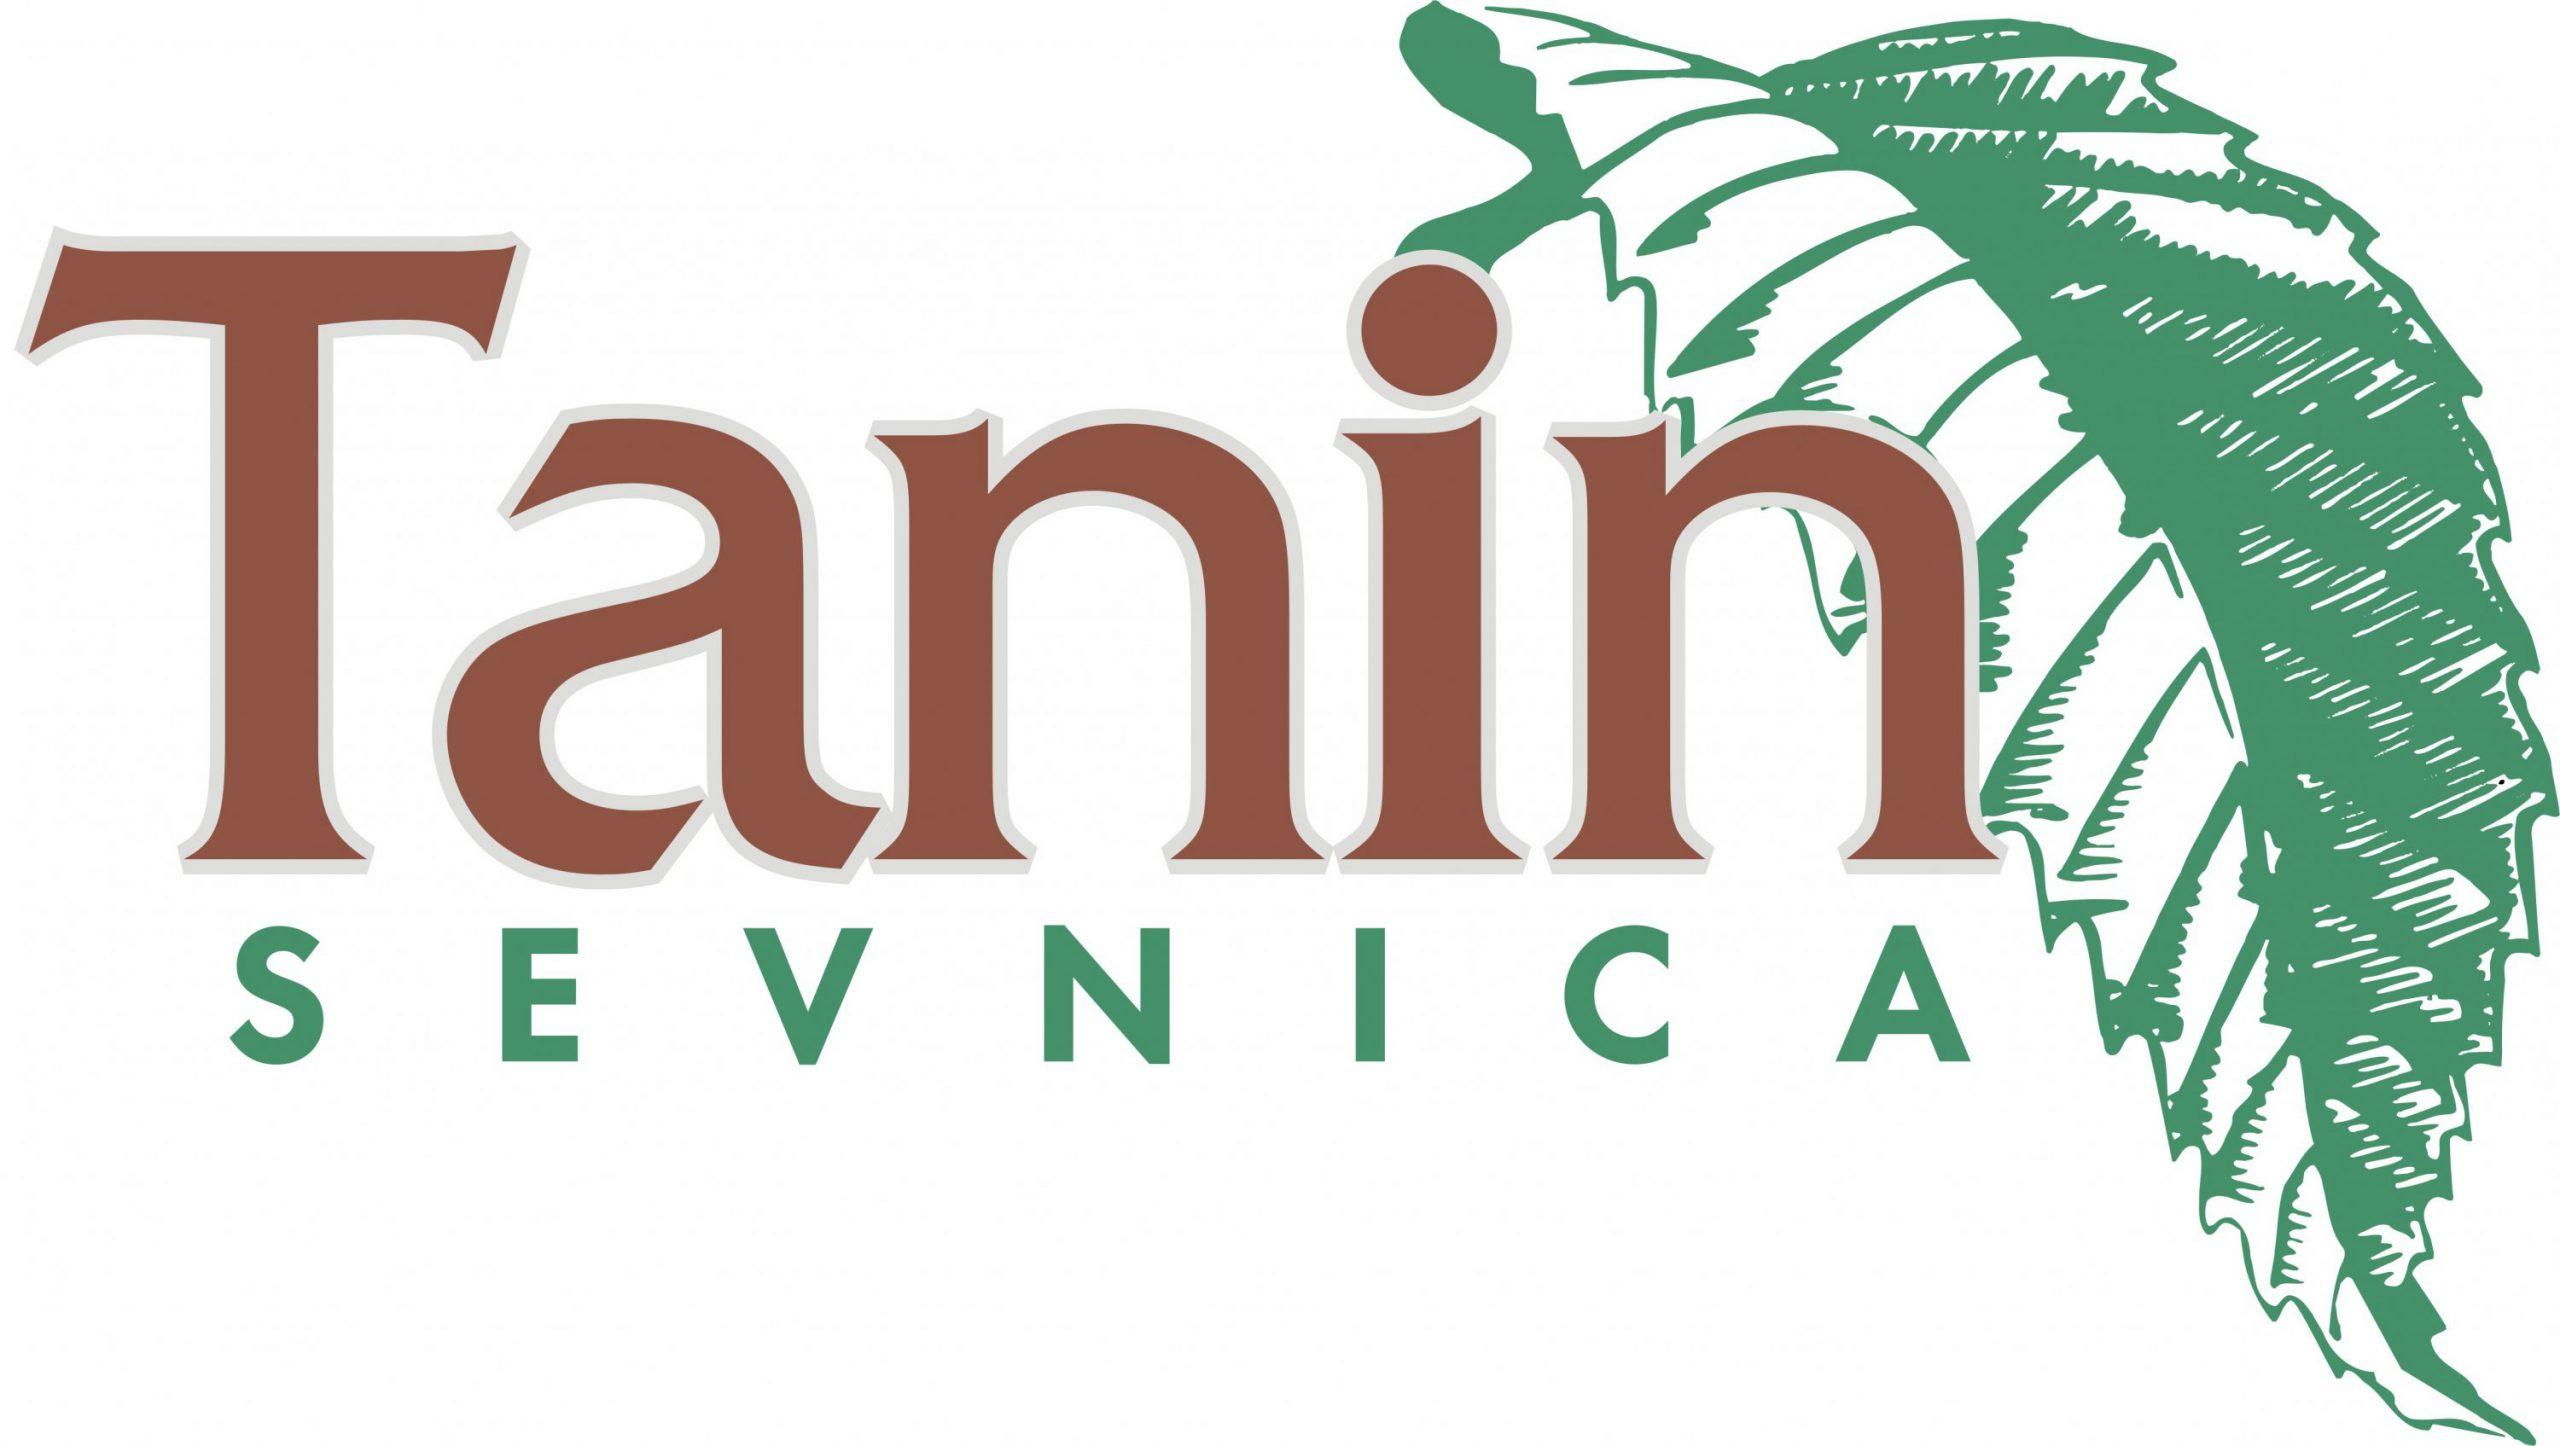 tanin-sevnica-logo